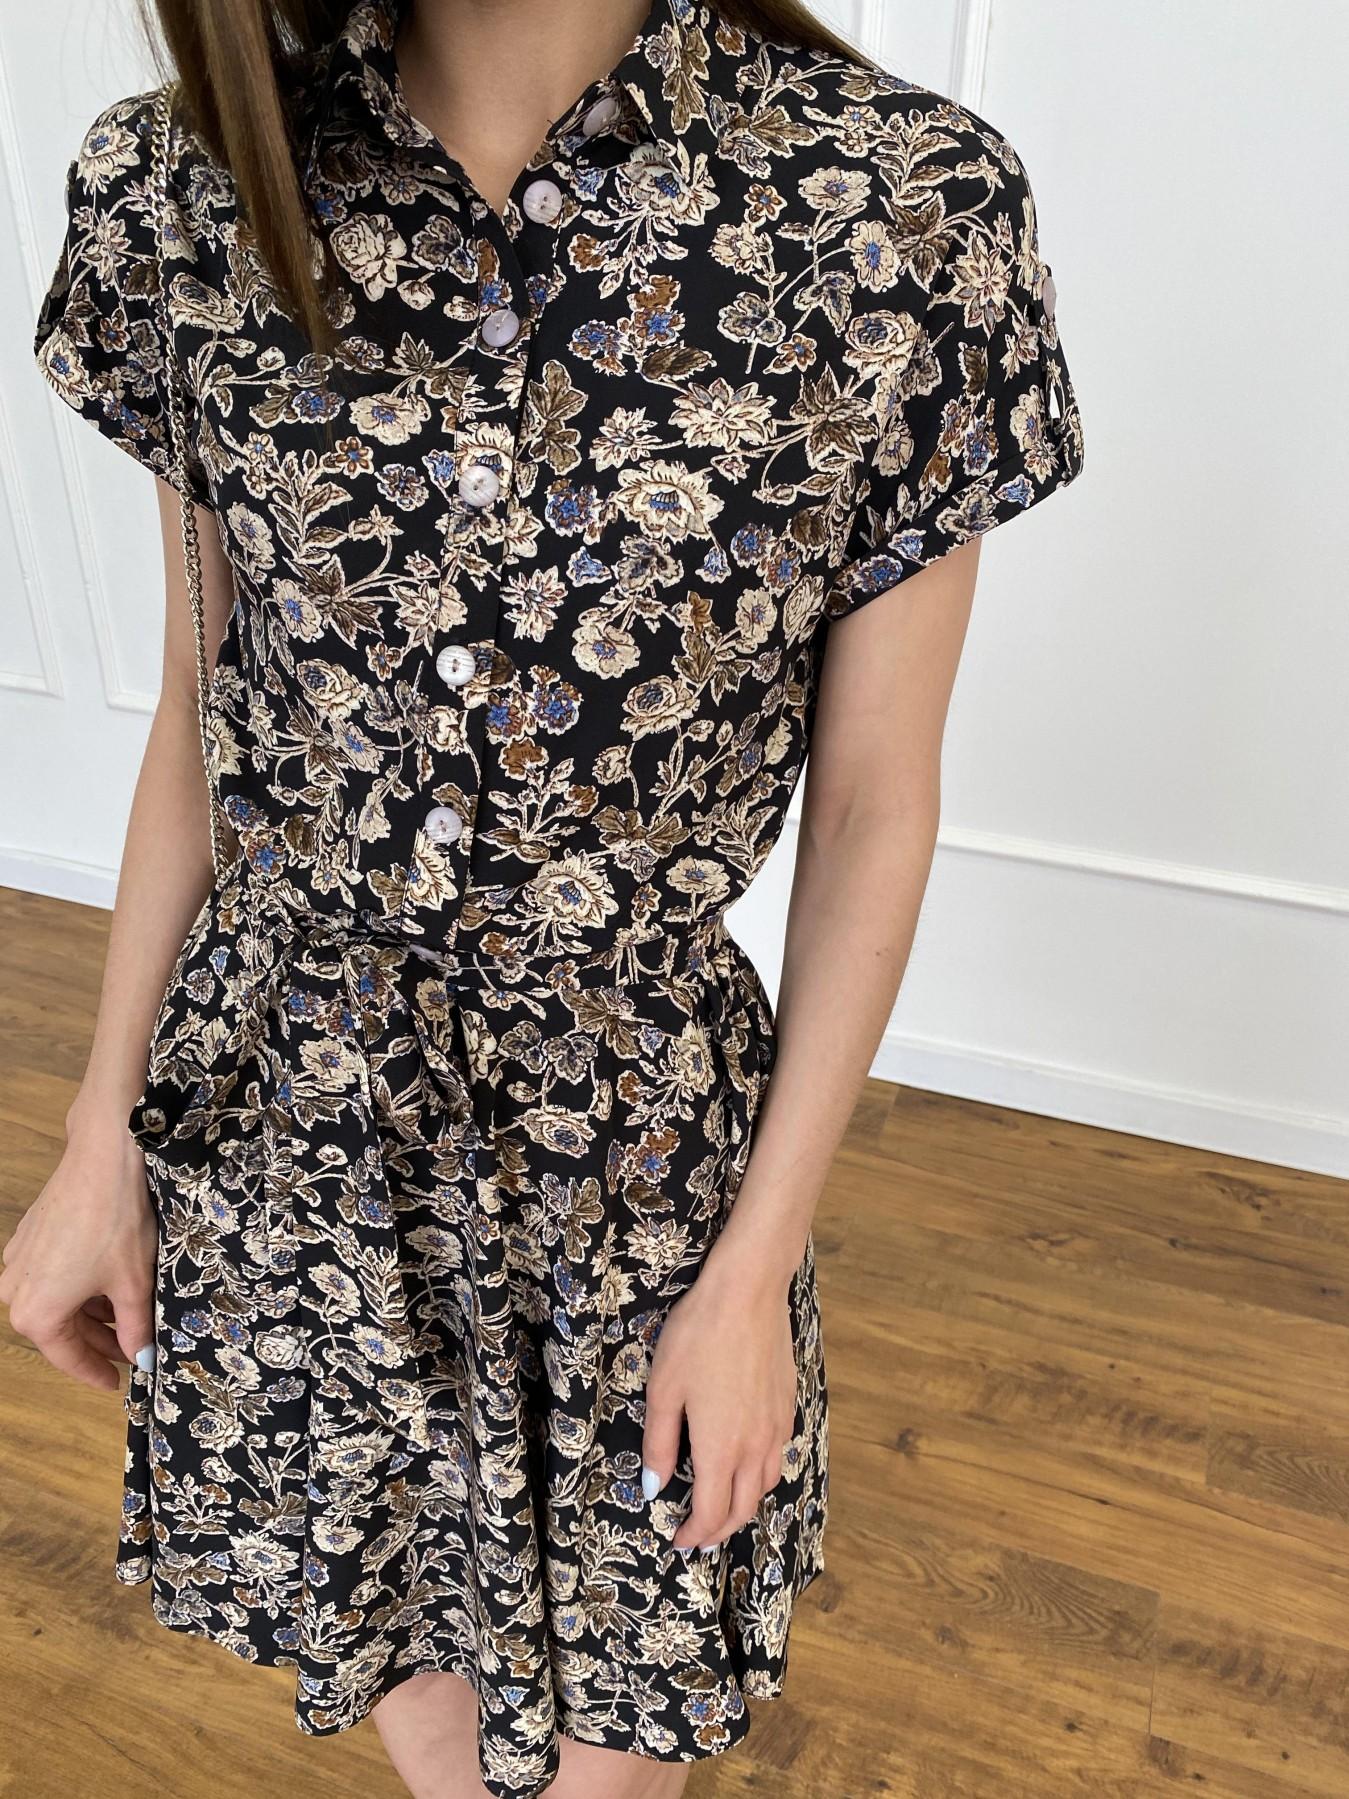 Санжар платье из ткани софт в принт 11215 АРТ. 47726 Цвет: Черный/т. беж, Цветы - фото 10, интернет магазин tm-modus.ru